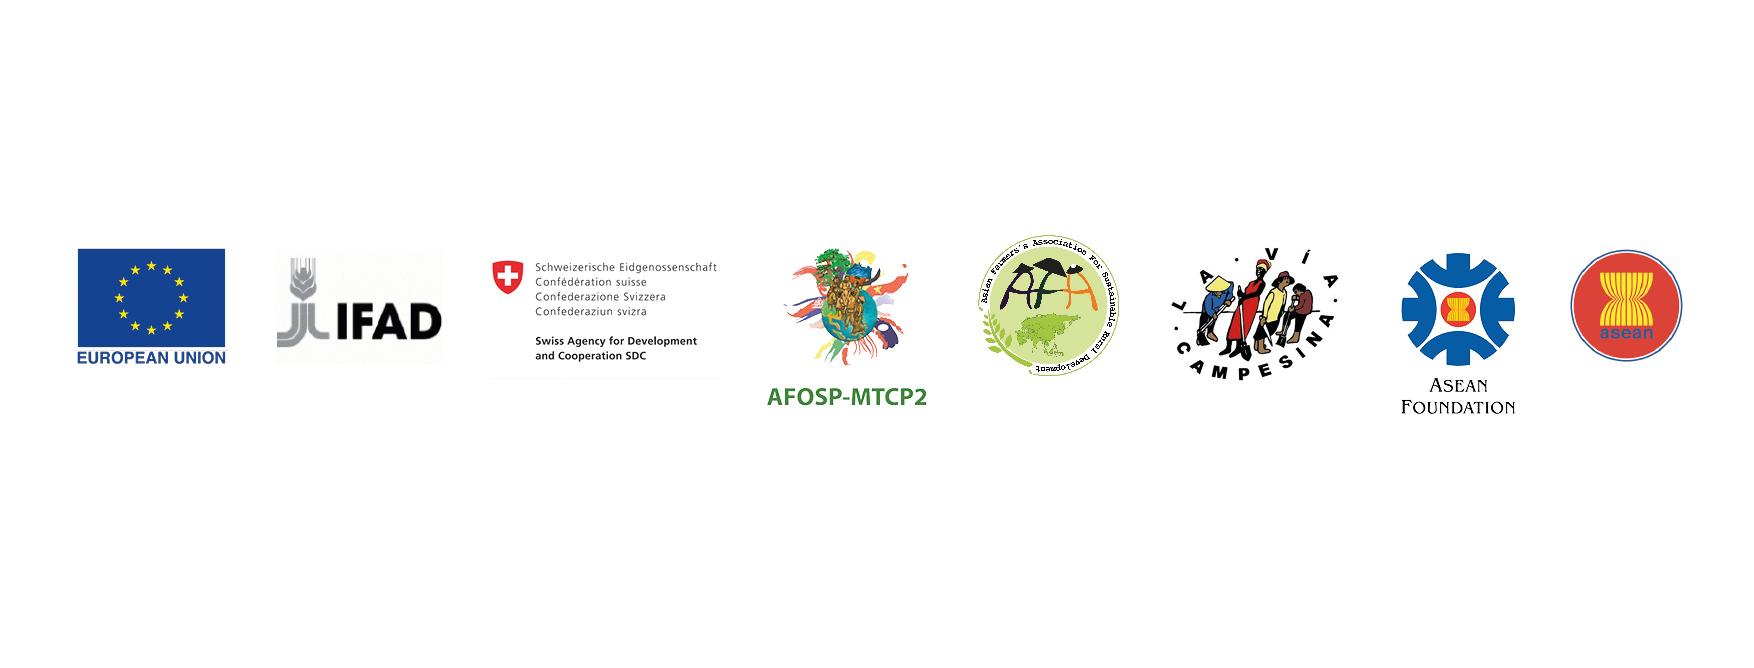 00-logo-sponsor-1.jpg